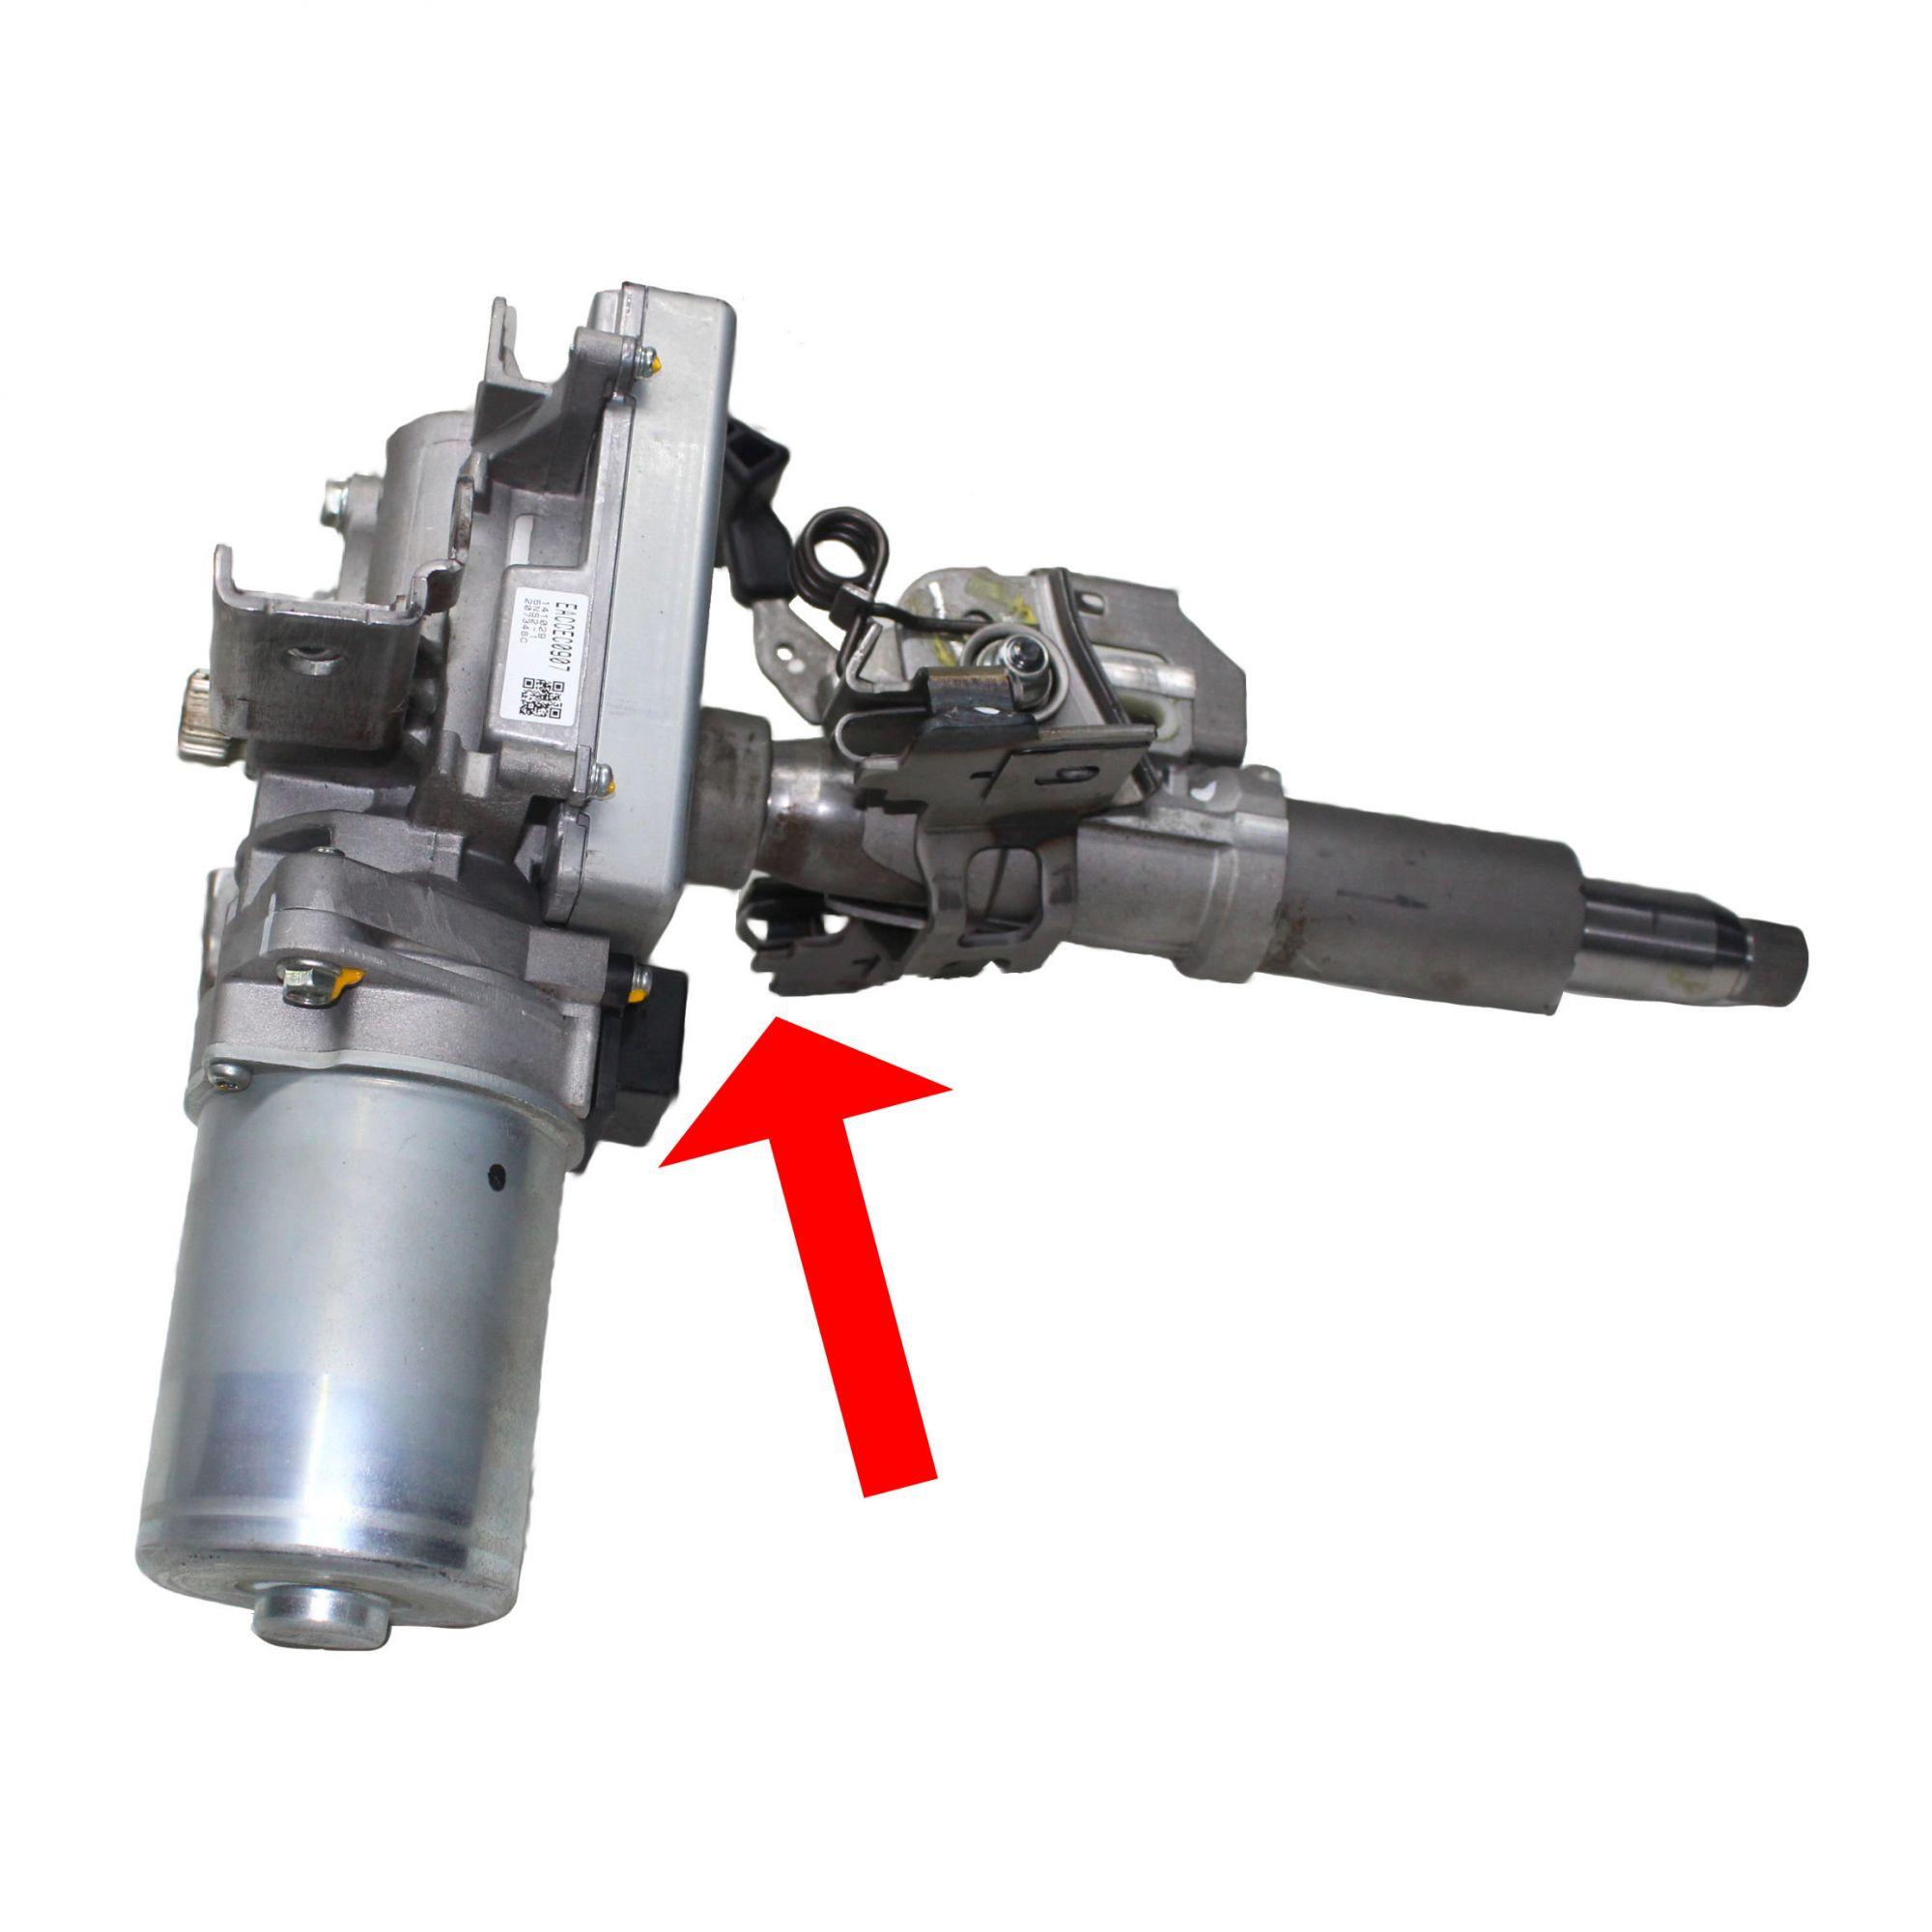 Motor Coluna Direção Elétrica Honda Fit 2015..., City 2015... - Motor Encaixado na Coluna